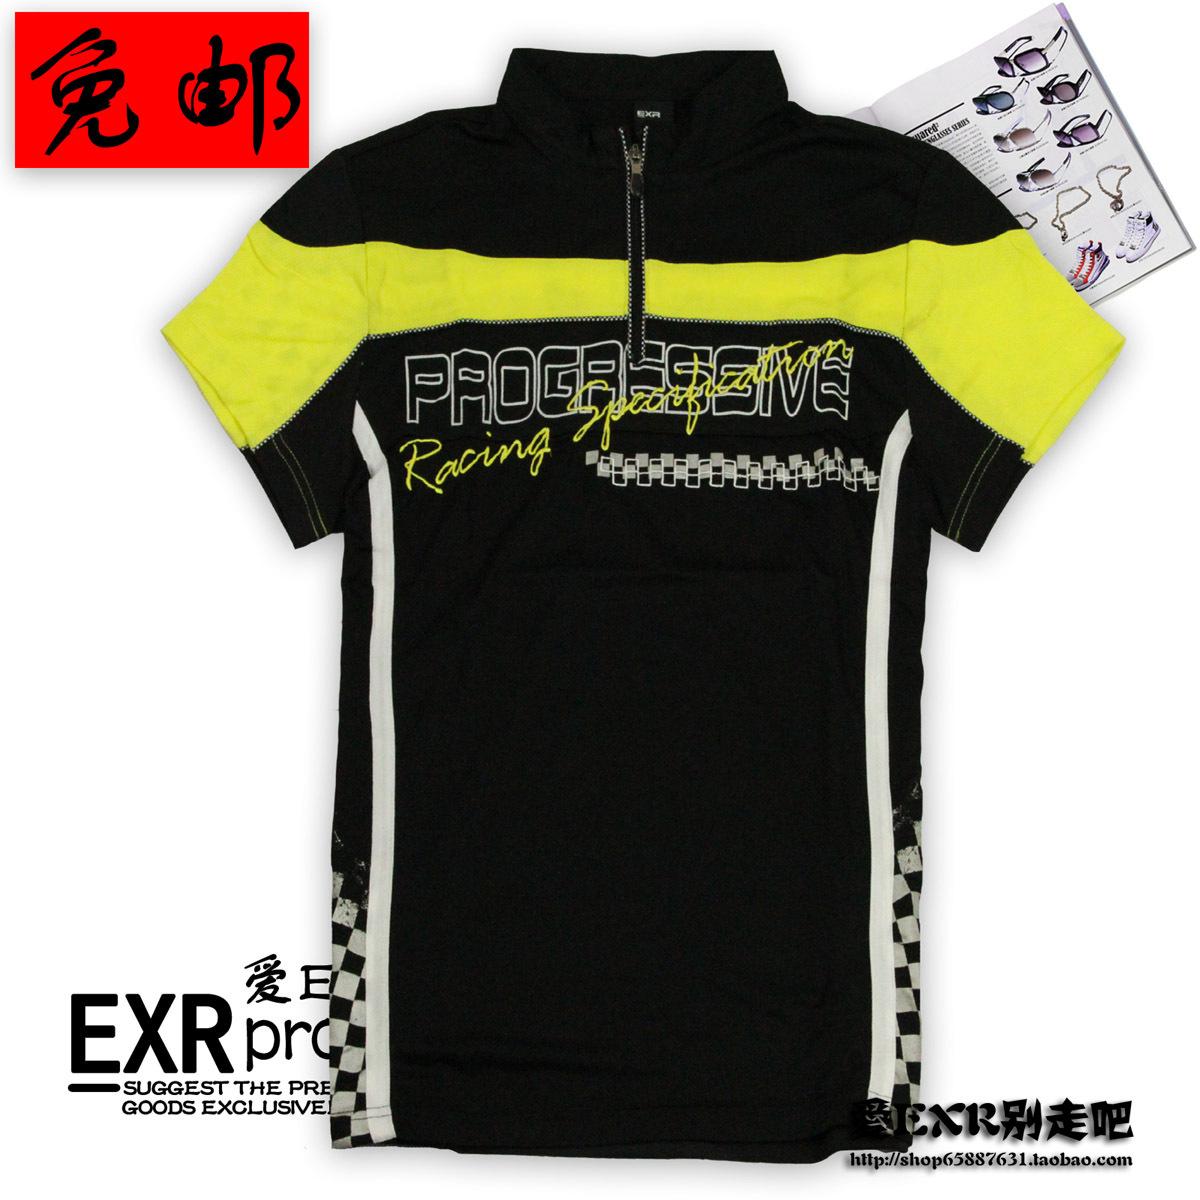 Спортивная футболка EXR 937a 2012 937 Стандартный Воротник-стойка Полиэстер Спорт и отдых Воздухопроницаемые, Защита от UV, Ультралегкий, Быстросохнущие, Влагопоглощающая функция Дизайн, С надписями, С логотипом бренда